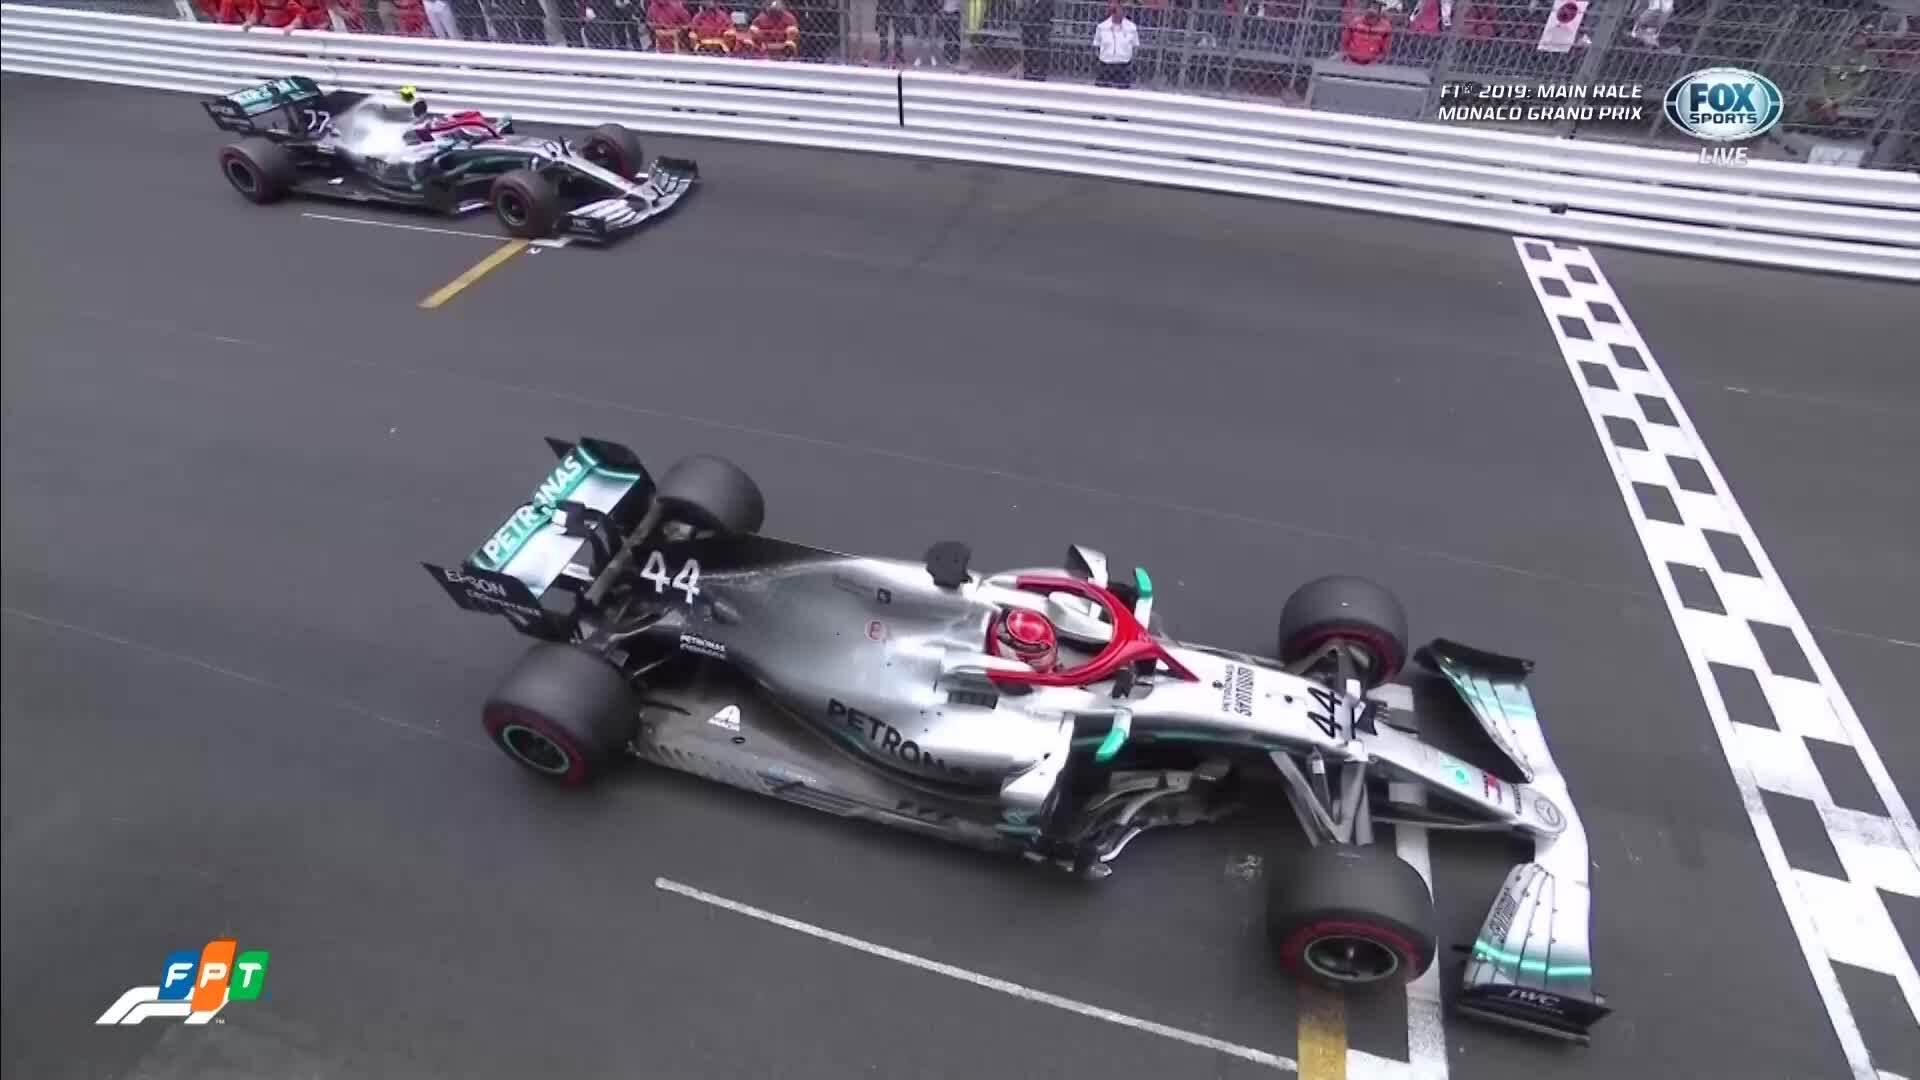 Hamilton giành chiến thắng tại MonacoGP